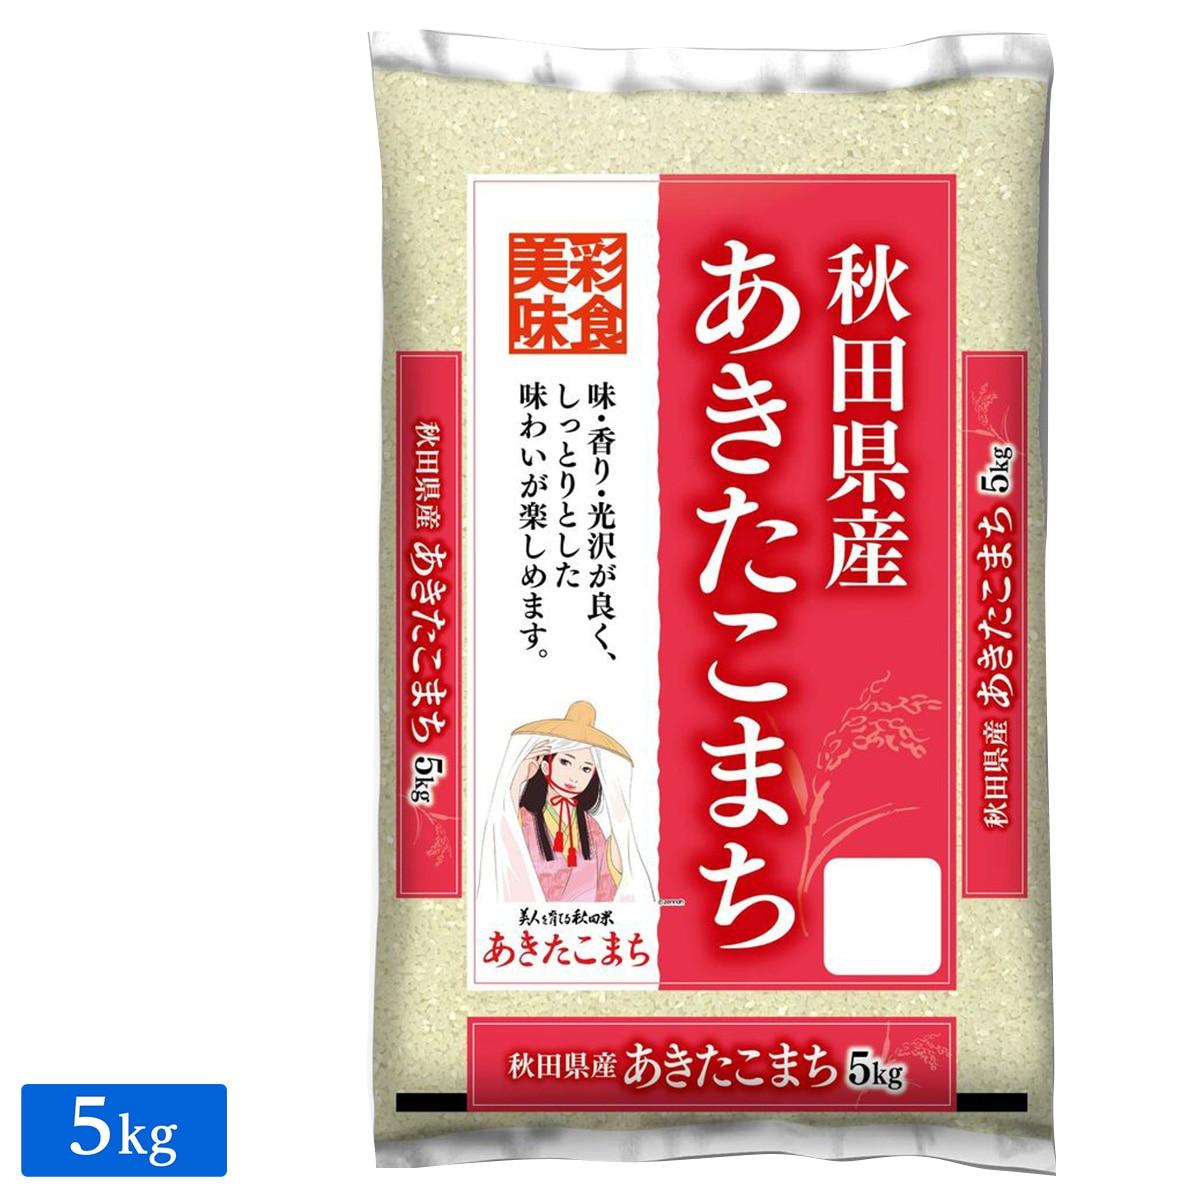 むらせ ■【精米】秋田県産あきたこまち 5kg 21942